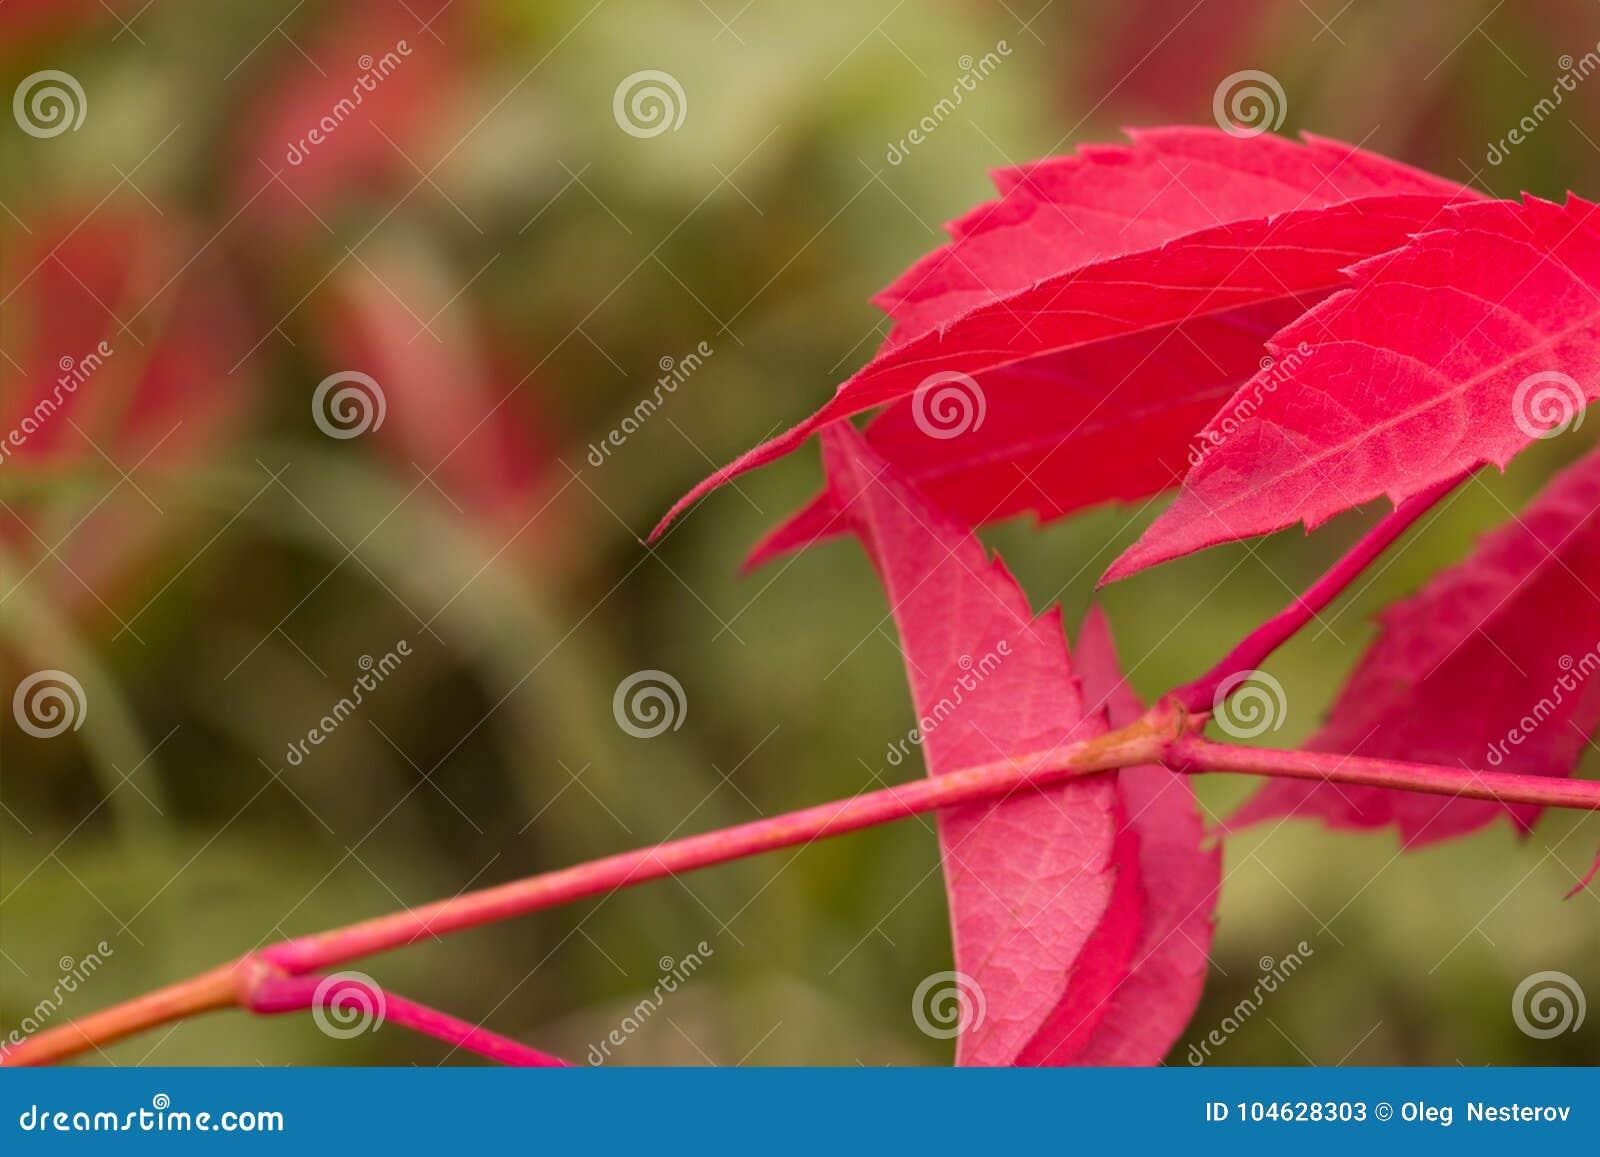 Download Heldere De Herfstbladeren Op Een Vaag Groen Gras Als Achtergrond Stock Afbeelding - Afbeelding bestaande uit vaag, uiteinden: 104628303